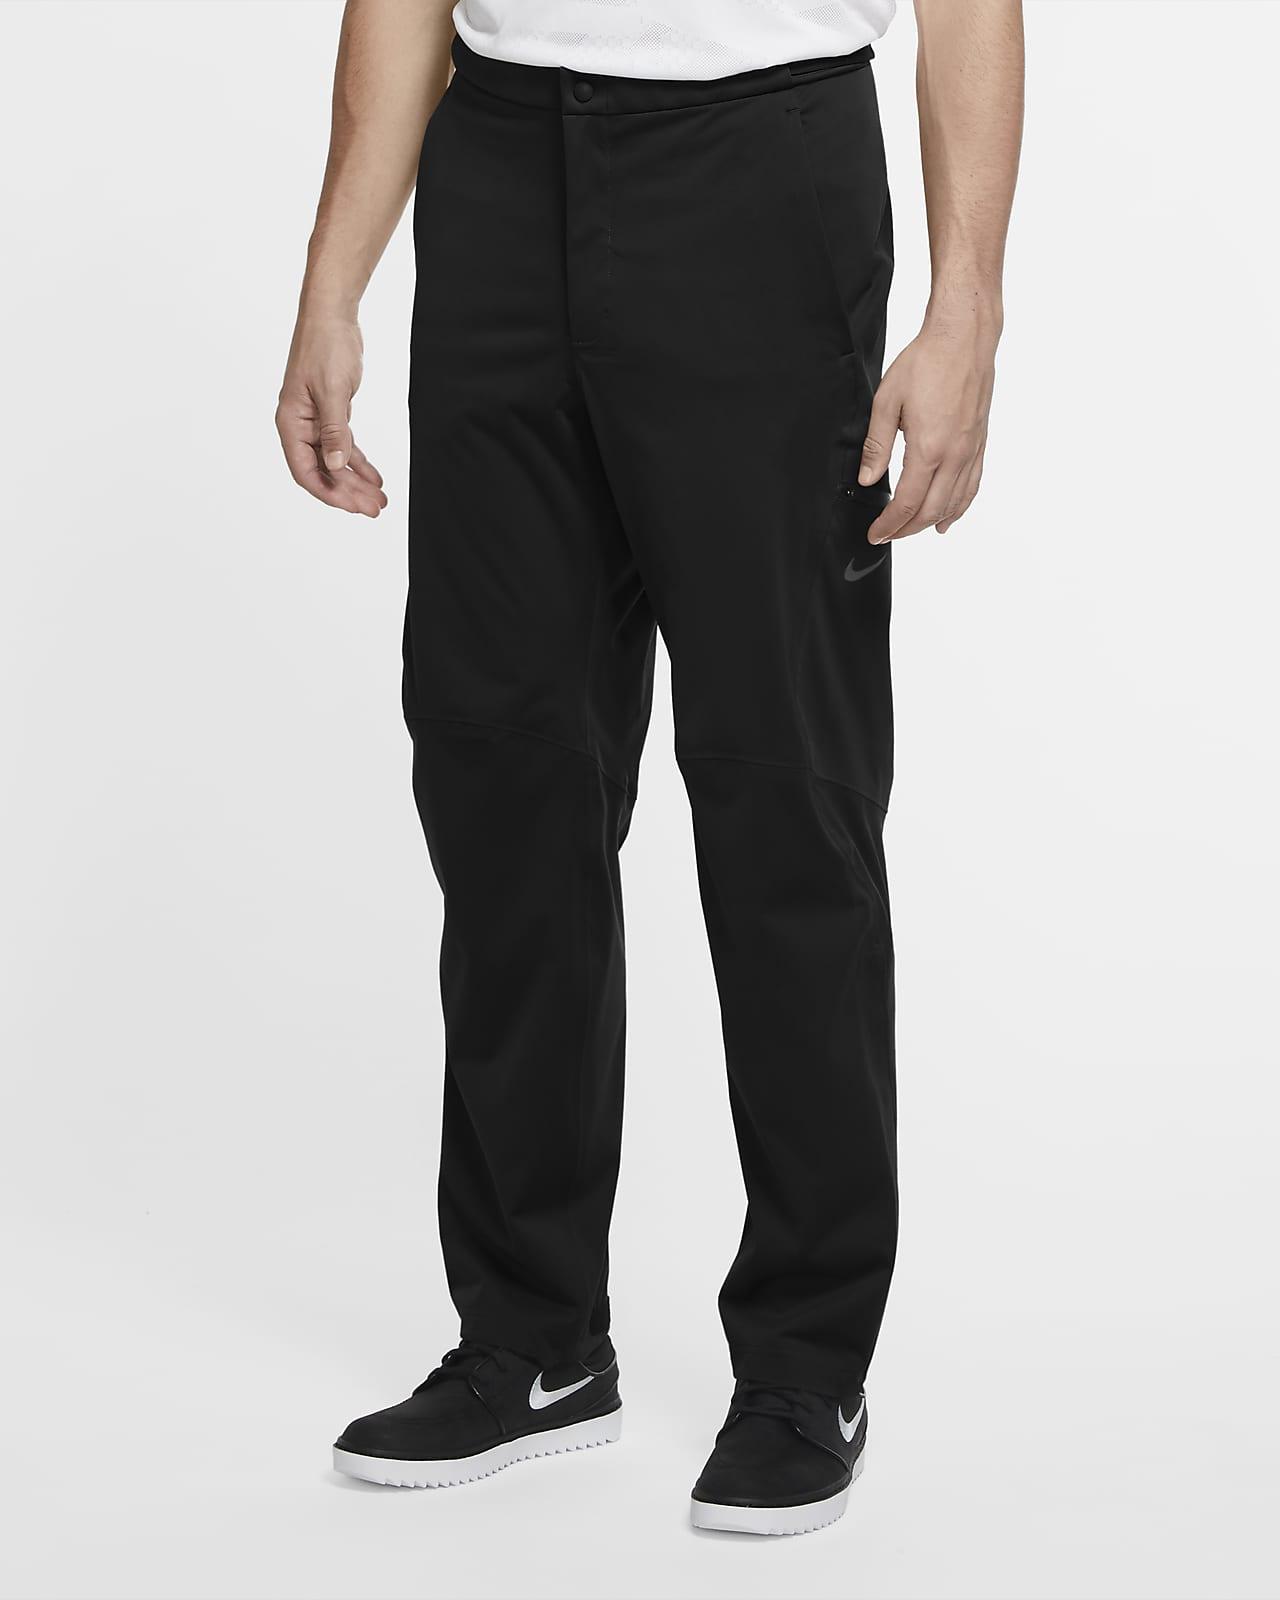 Męskie spodnie do golfa Nike HyperShield